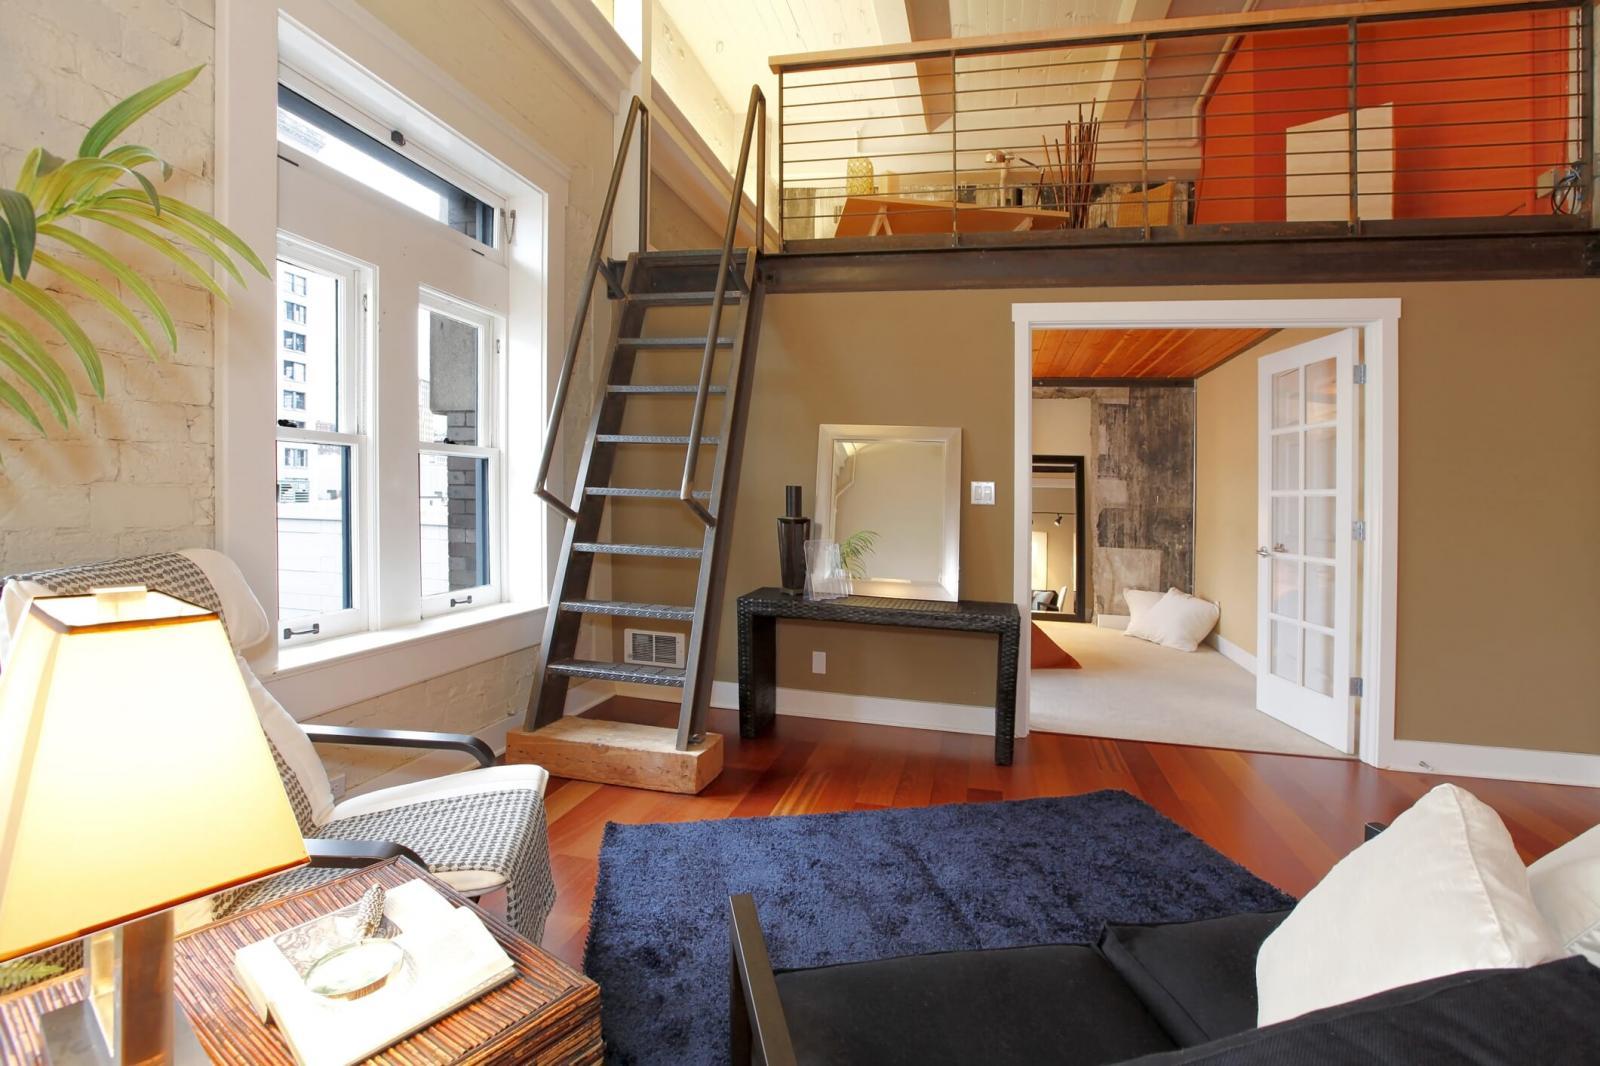 cầu thang liền bằng sắt hoặc thép sơn tĩnh điện